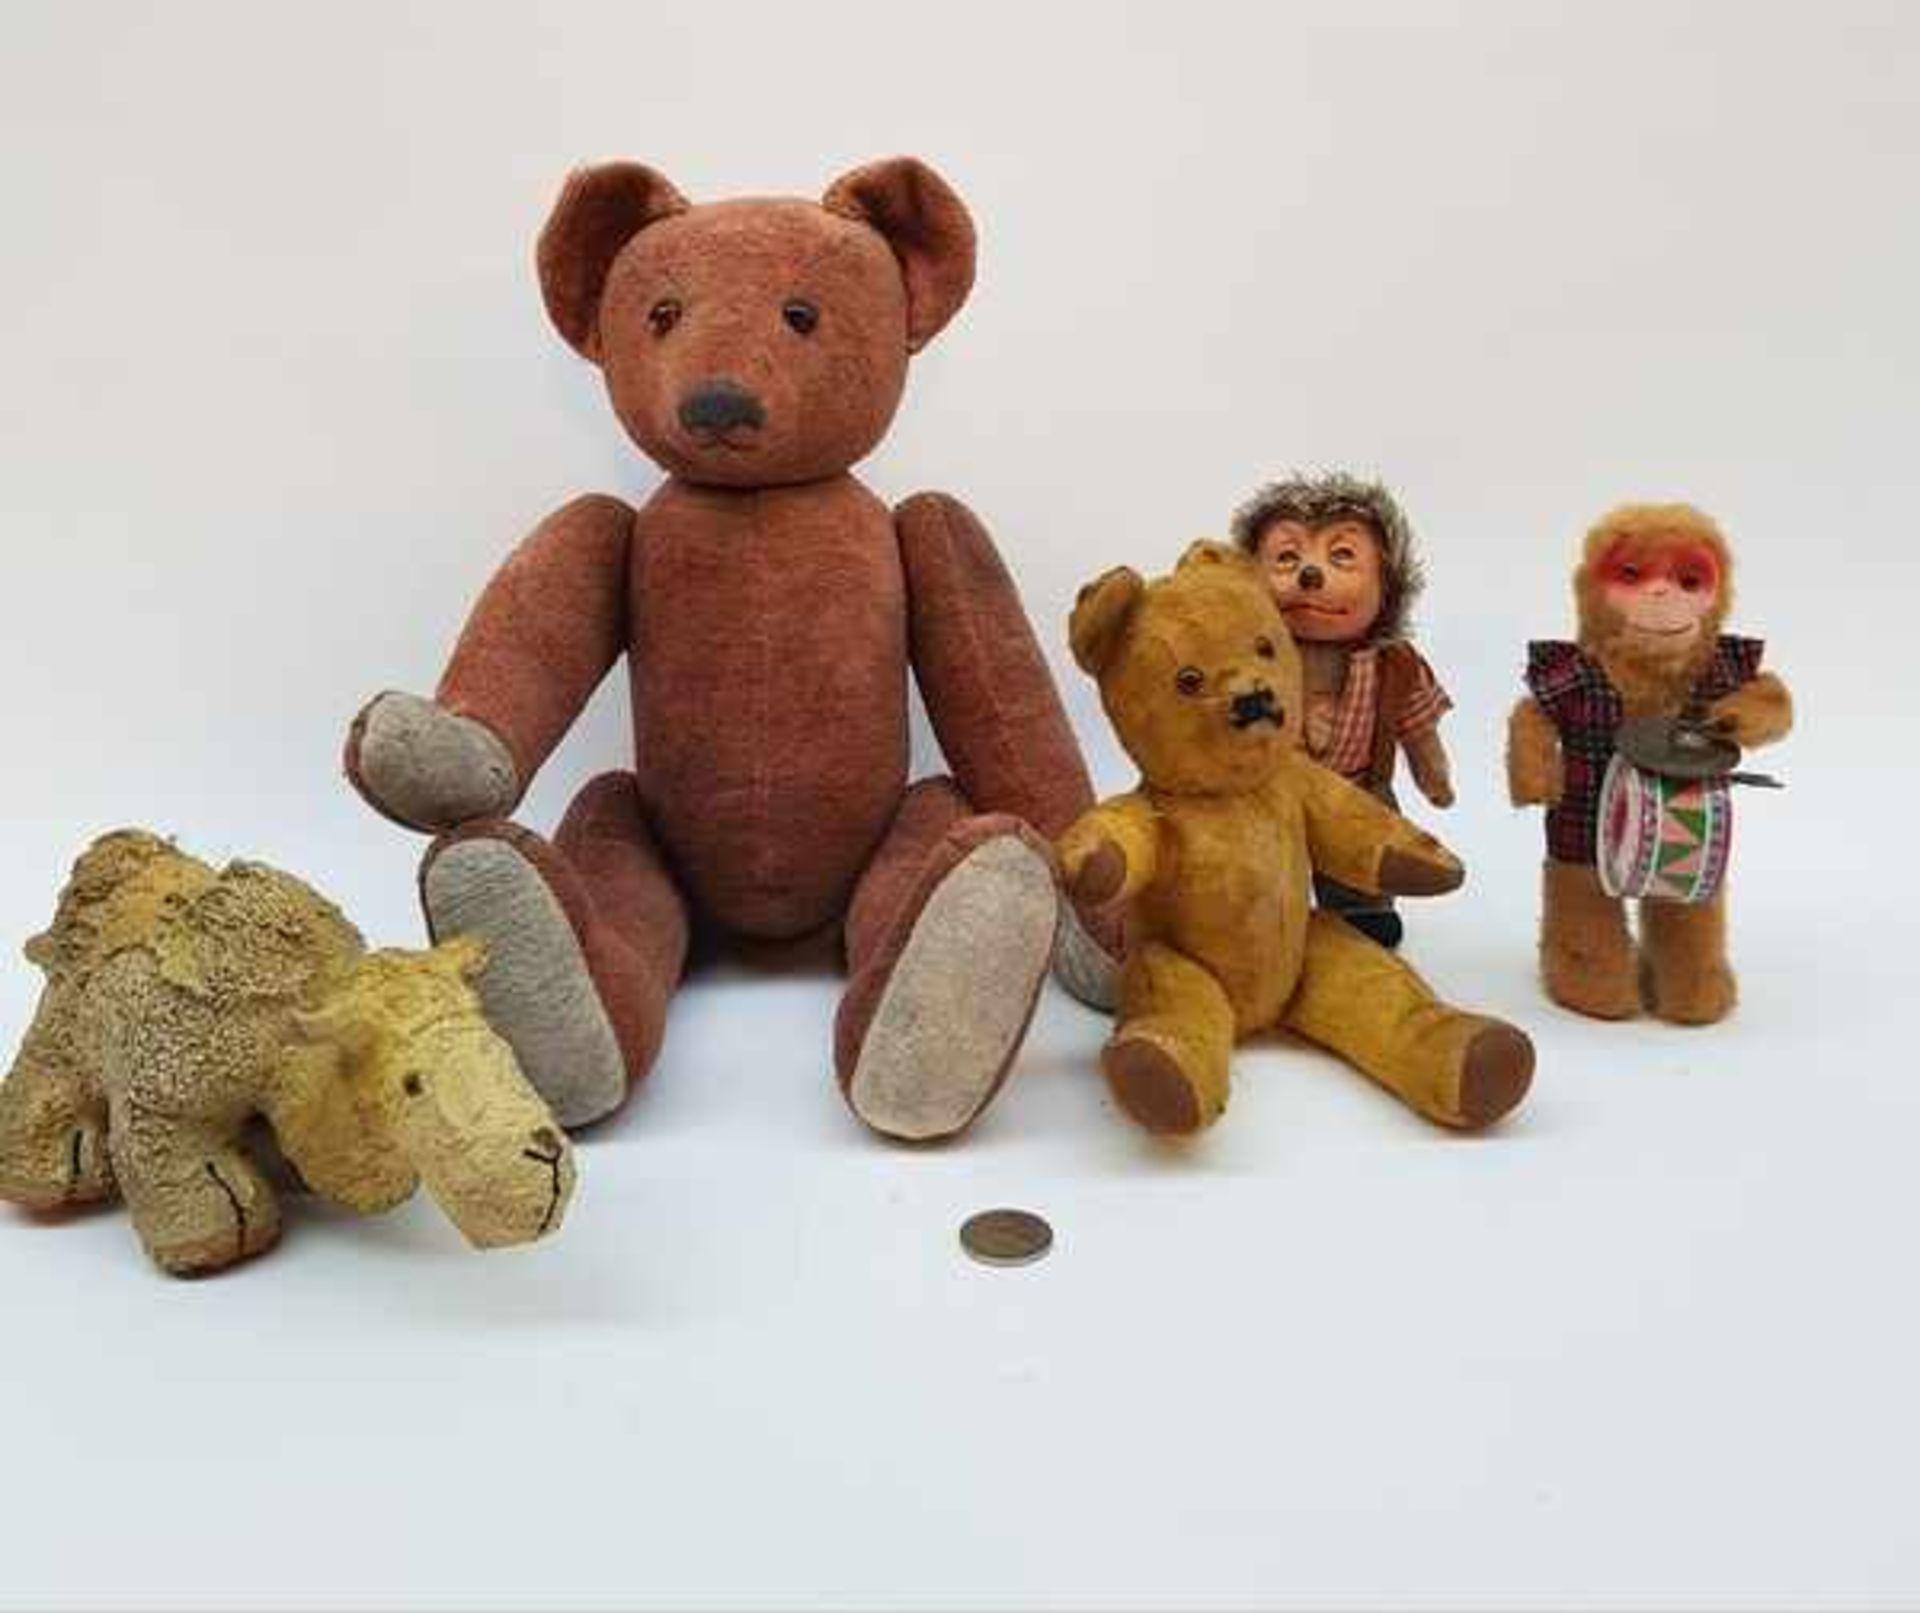 (Speelgoed) Speelgoed dieren - Bild 2 aus 6